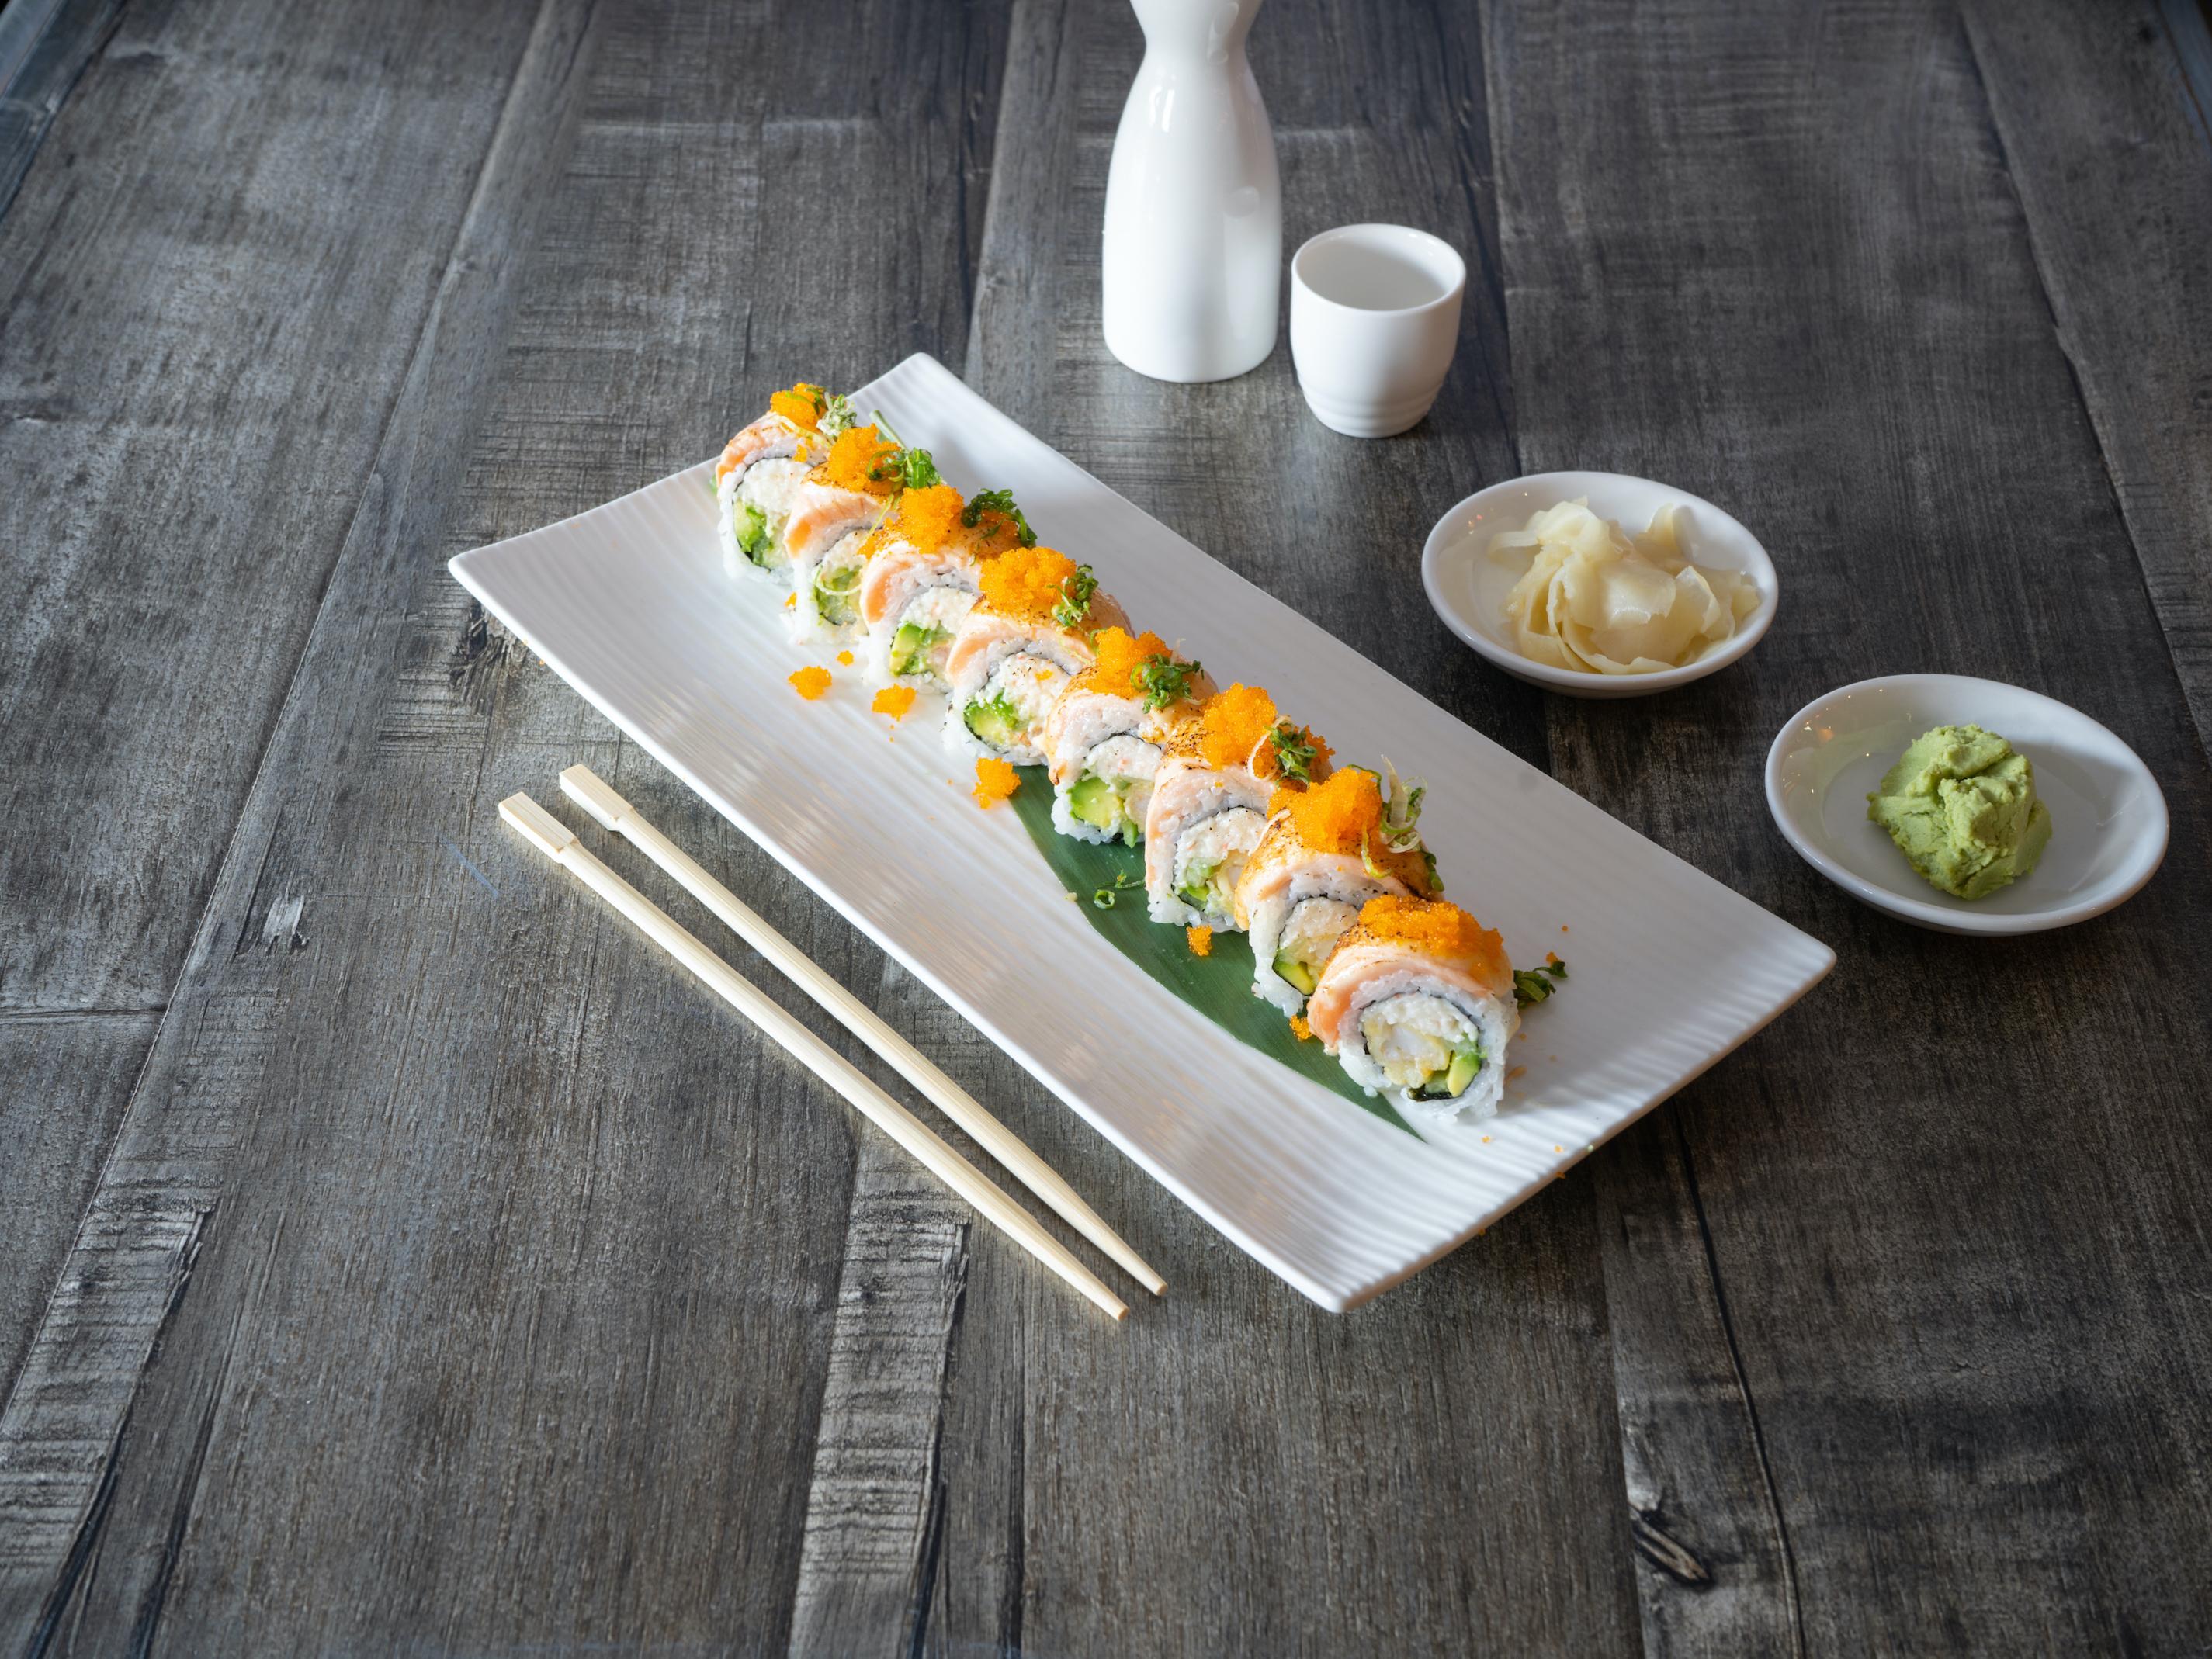 Otay Sushi + Crab (Chula Vista, CA)